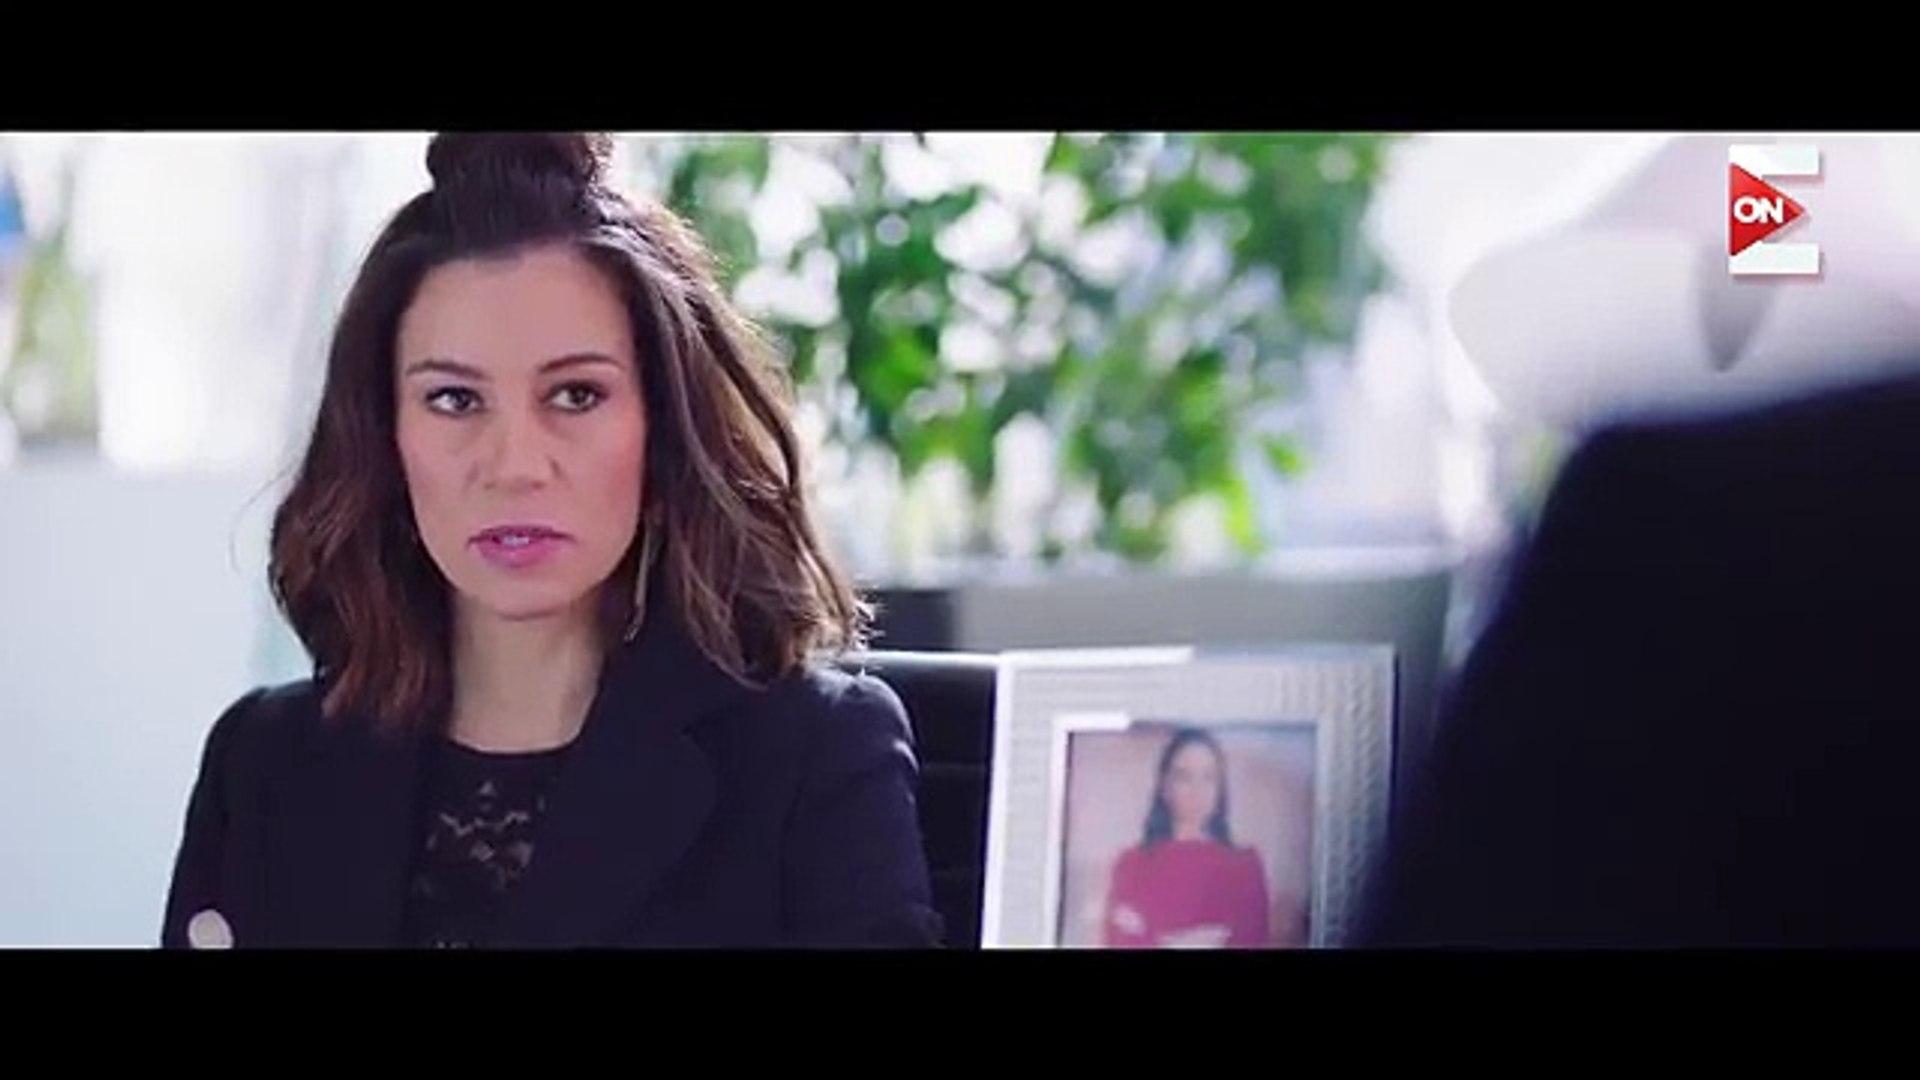 مسلسل أرض جو Hd الحلقة الثانية والعشرون غادة عبد الرازق Ard Gaw Episode 22 فيديو Dailymotion